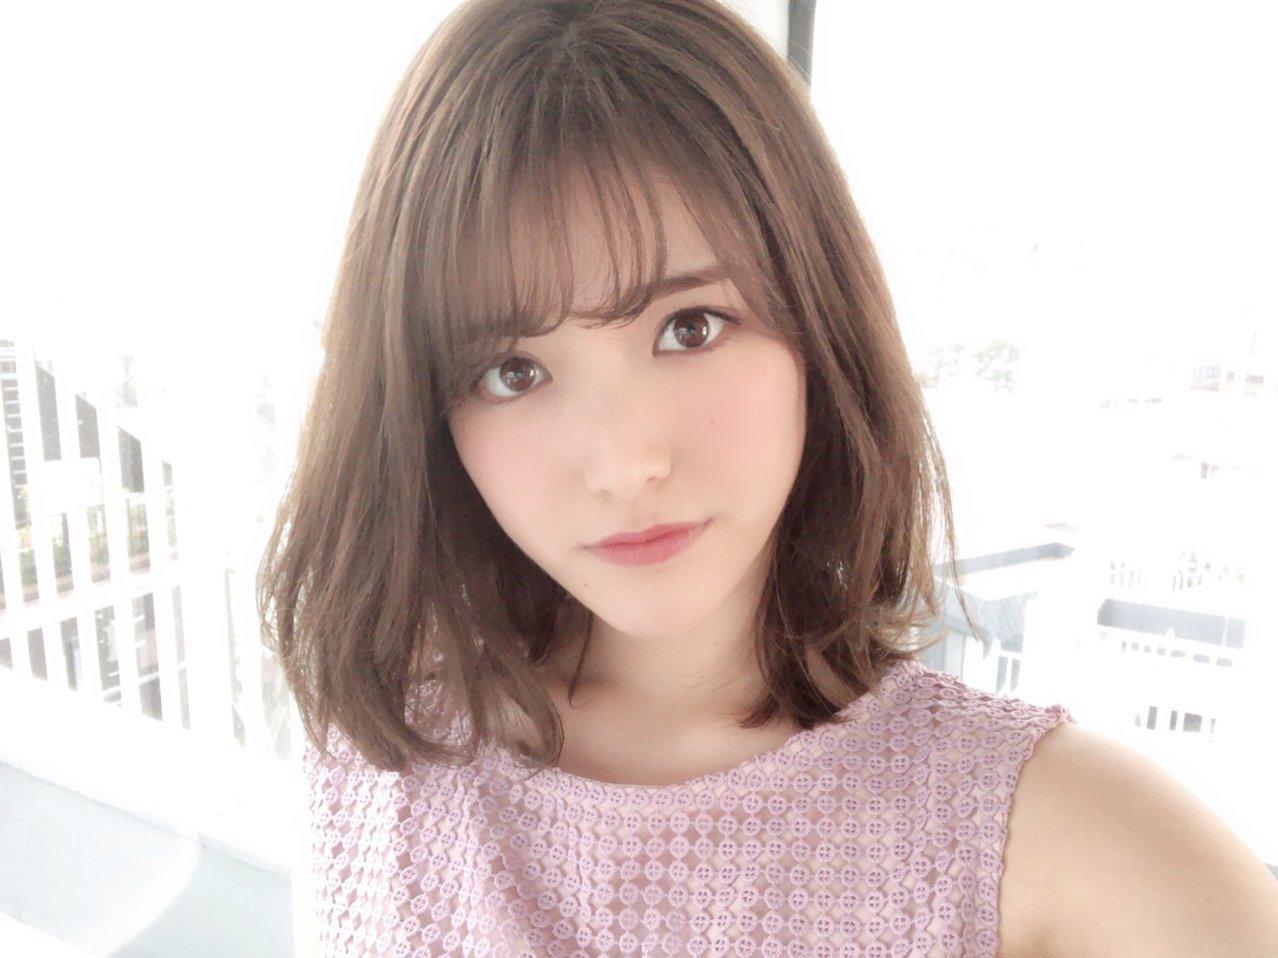 【乃木坂46】松村沙友理がバッサリ髪をカット!!!